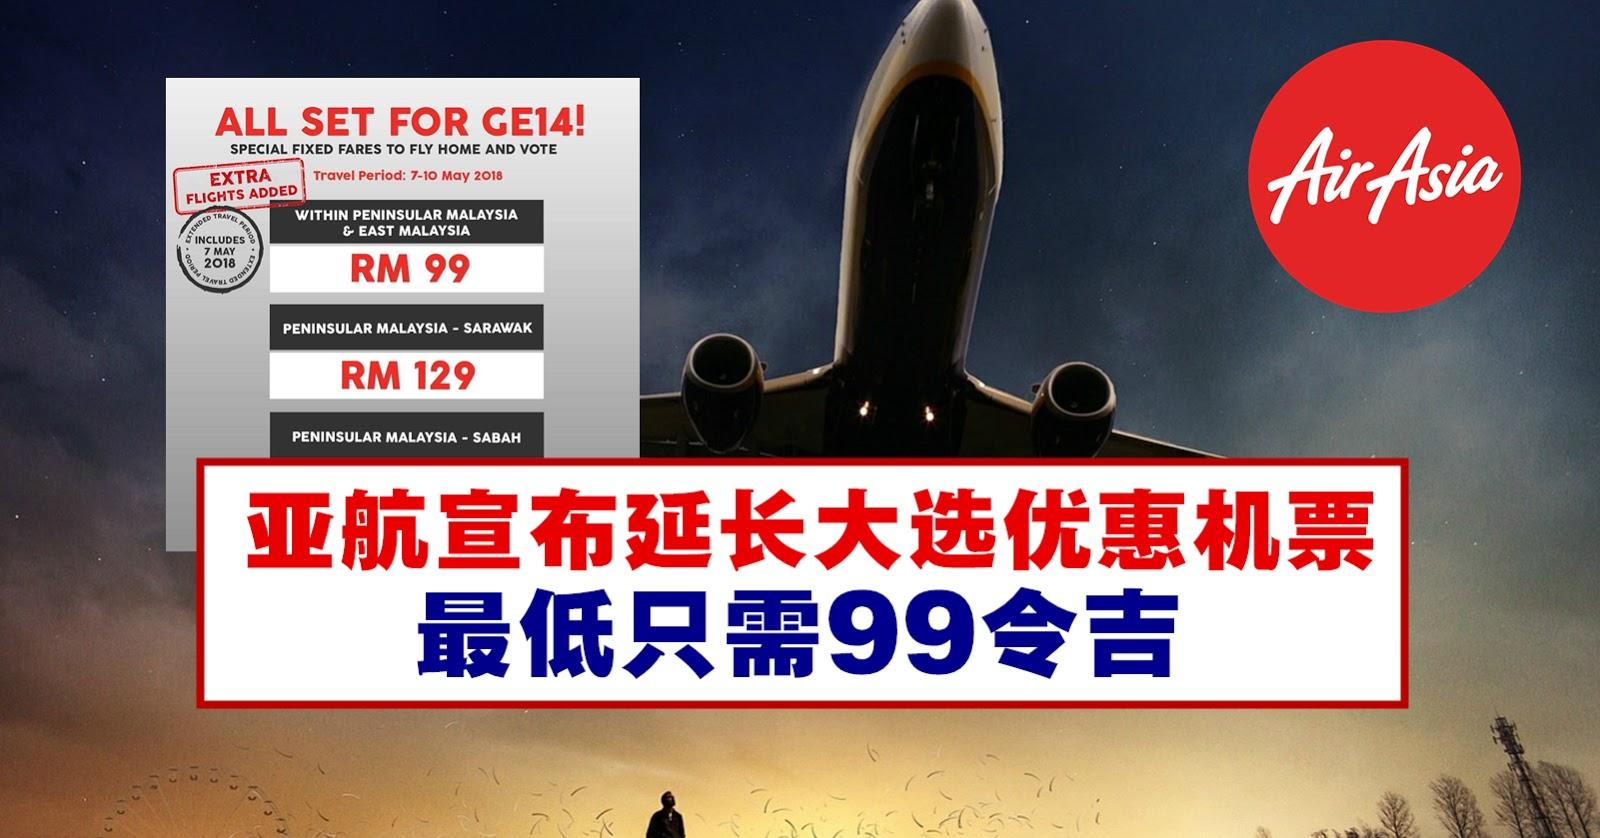 亚航宣布延长大选优惠机票,最低只需99令吉